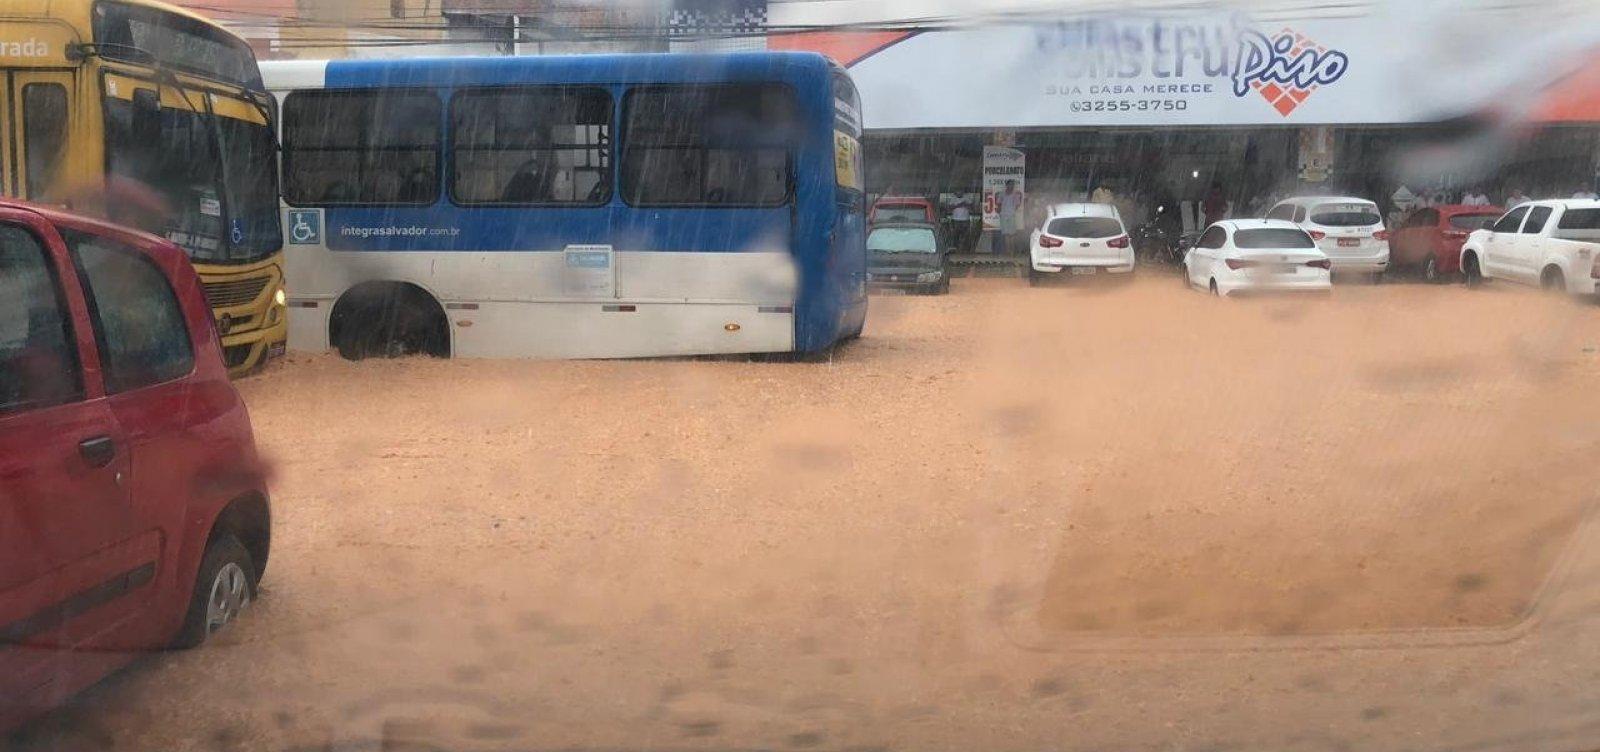 Chuva alaga avenidas e provoca transtornos em Salvador; veja